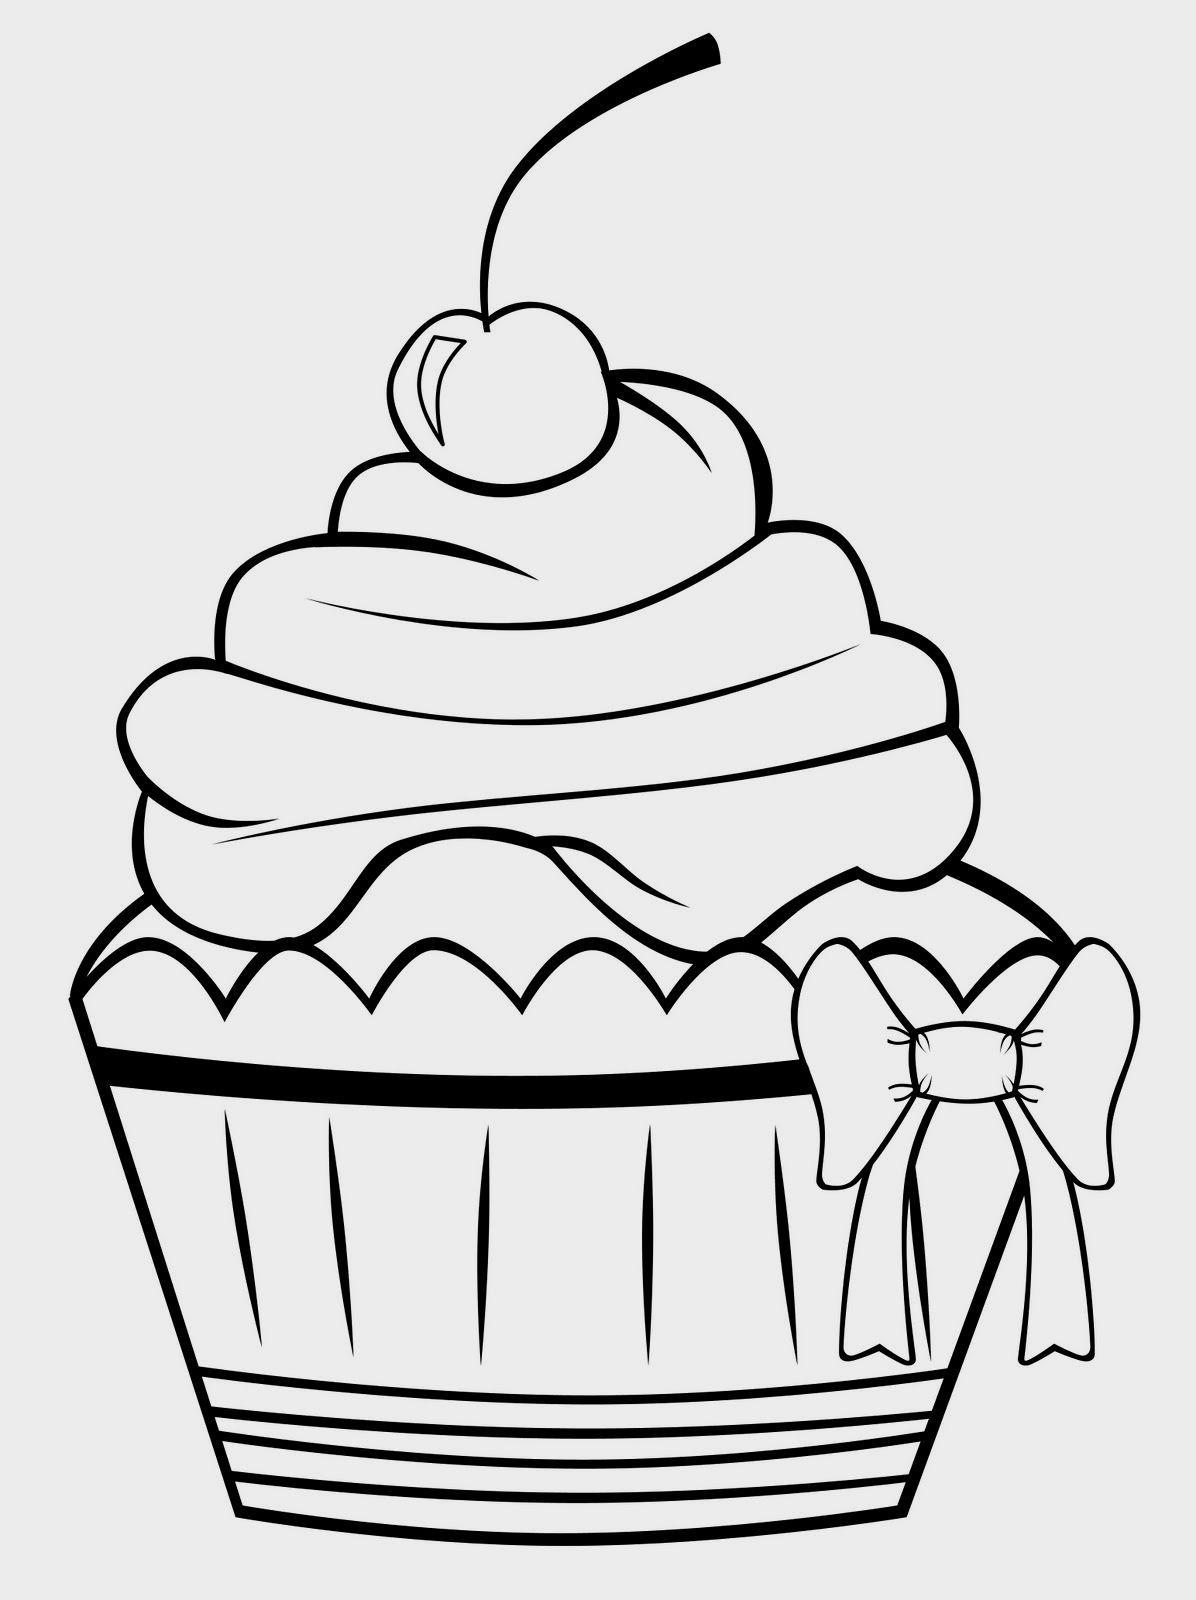 Fein Muffins Malvorlagen Zum Ausdrucken Zeitgenössisch - Entry Level ...